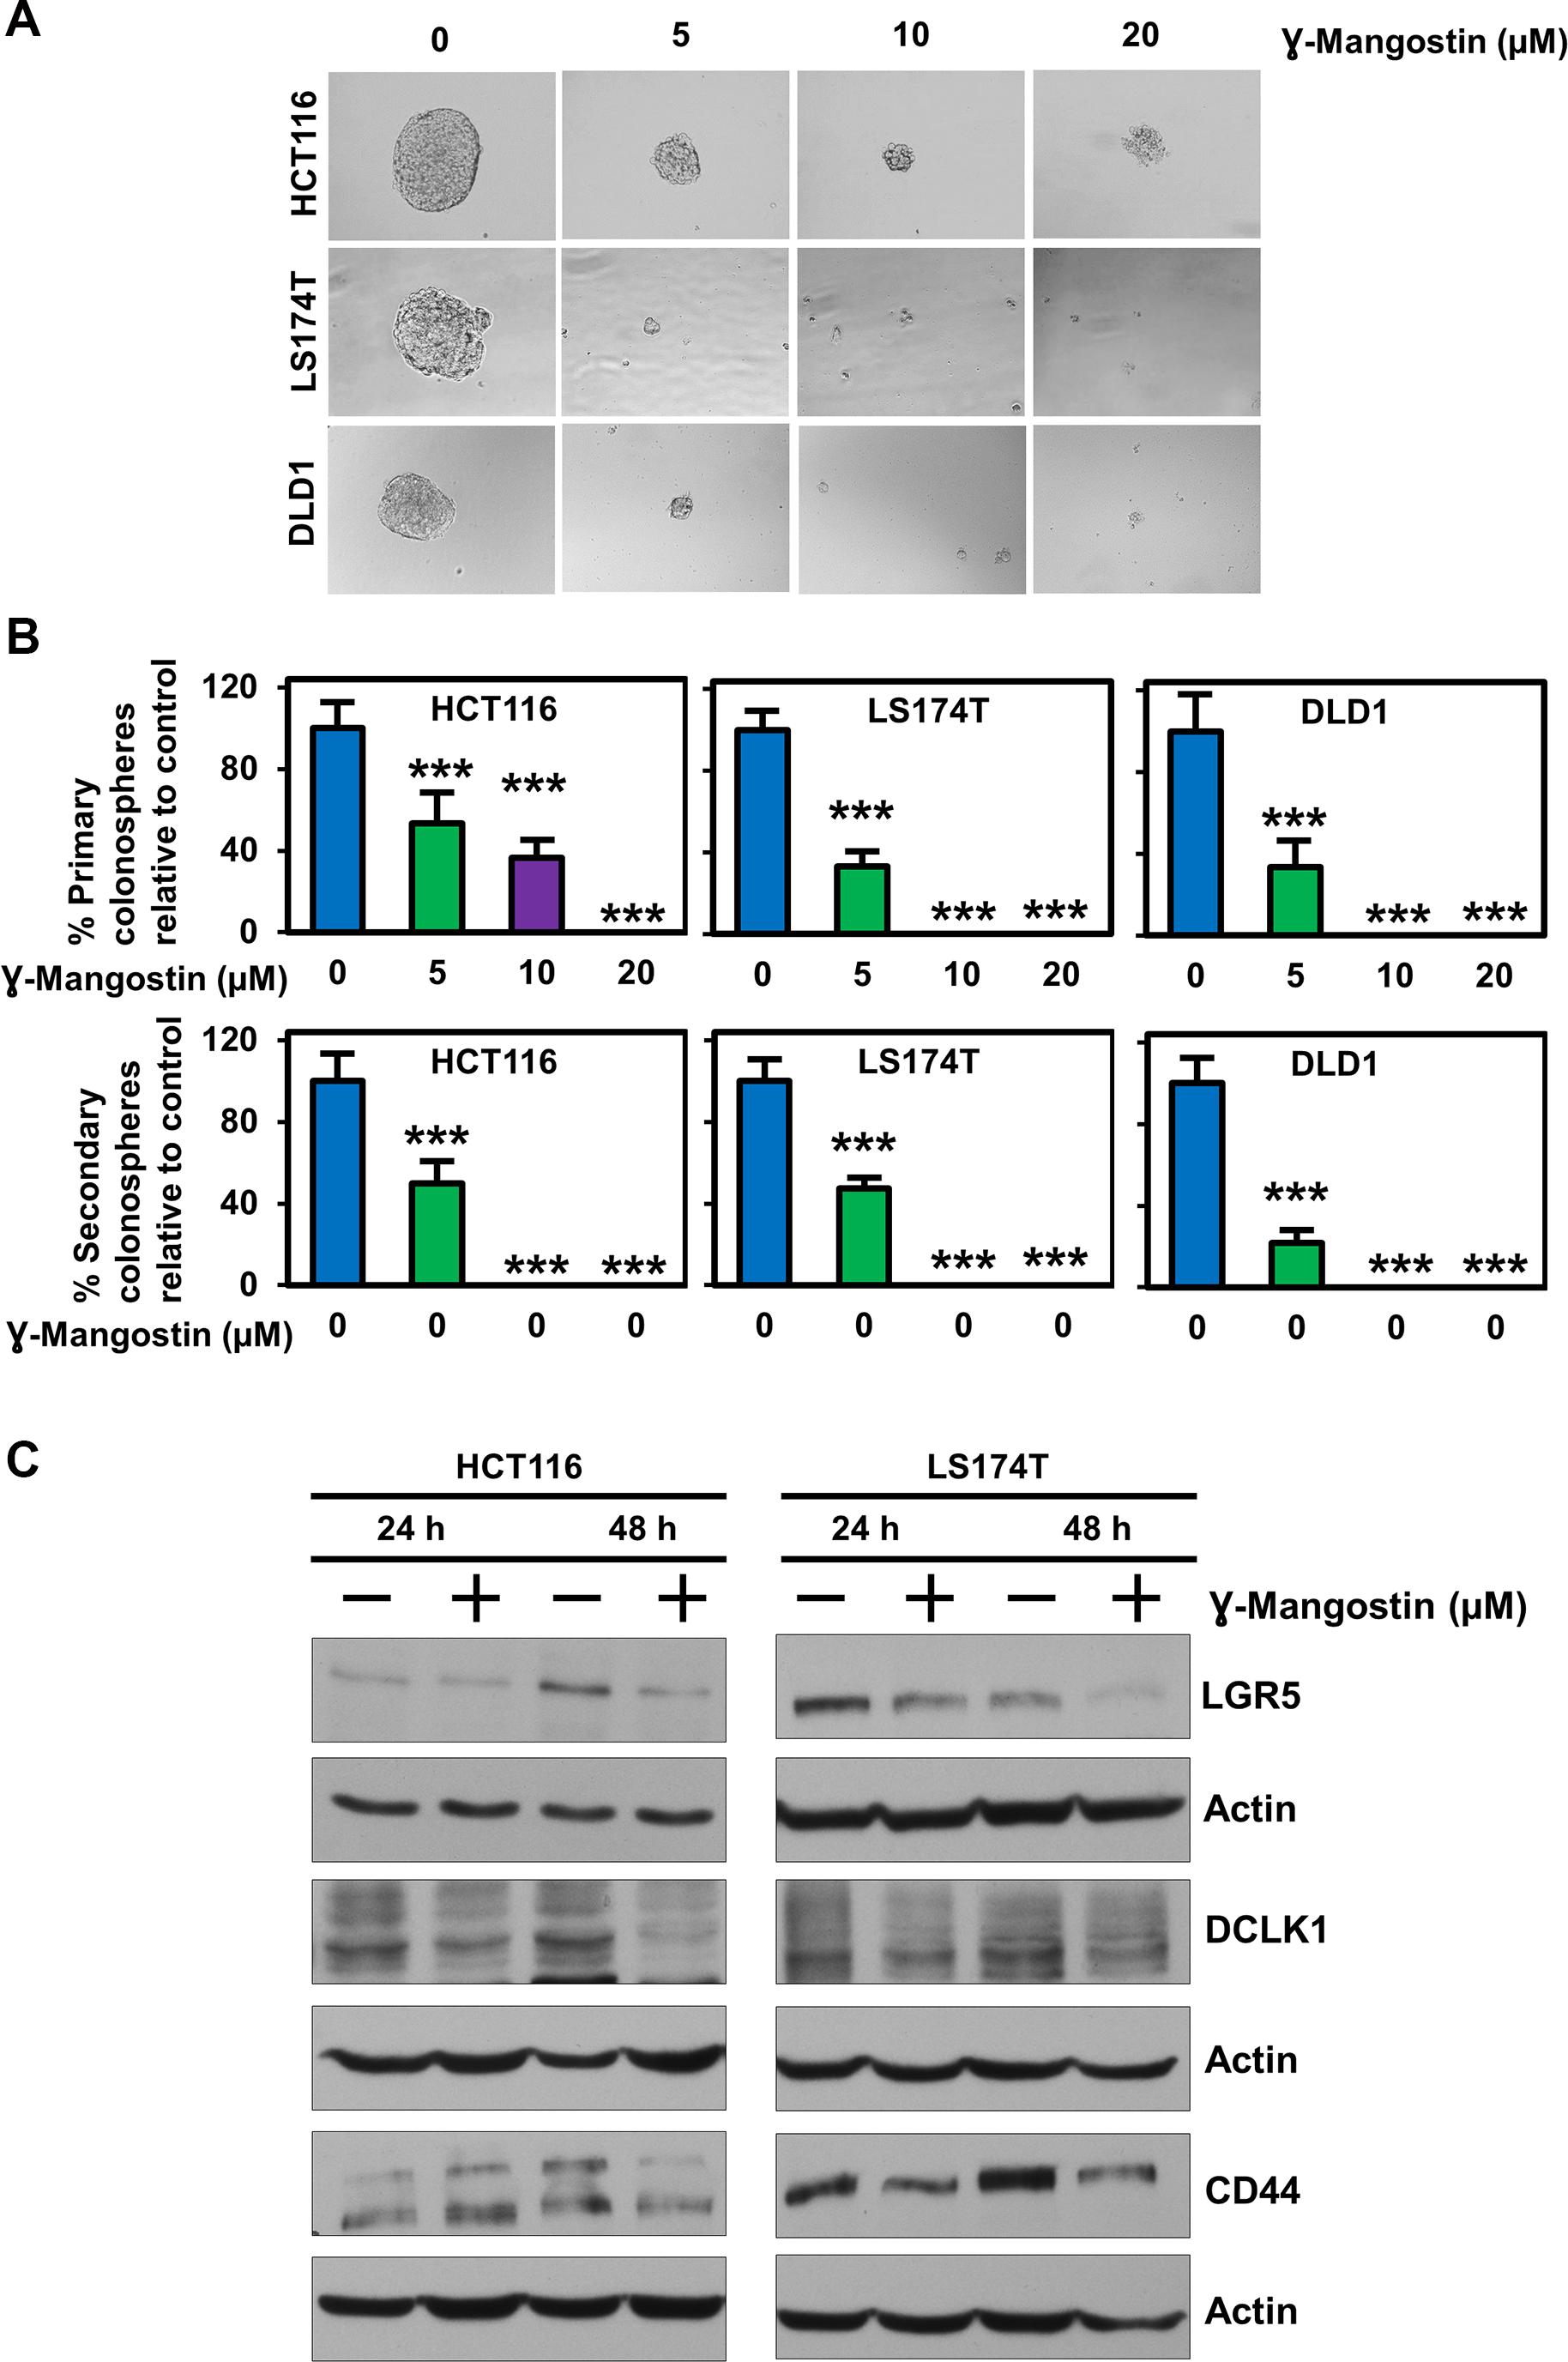 γ-Mangostin inhibits colonosphere formation and stem cell marker expression.